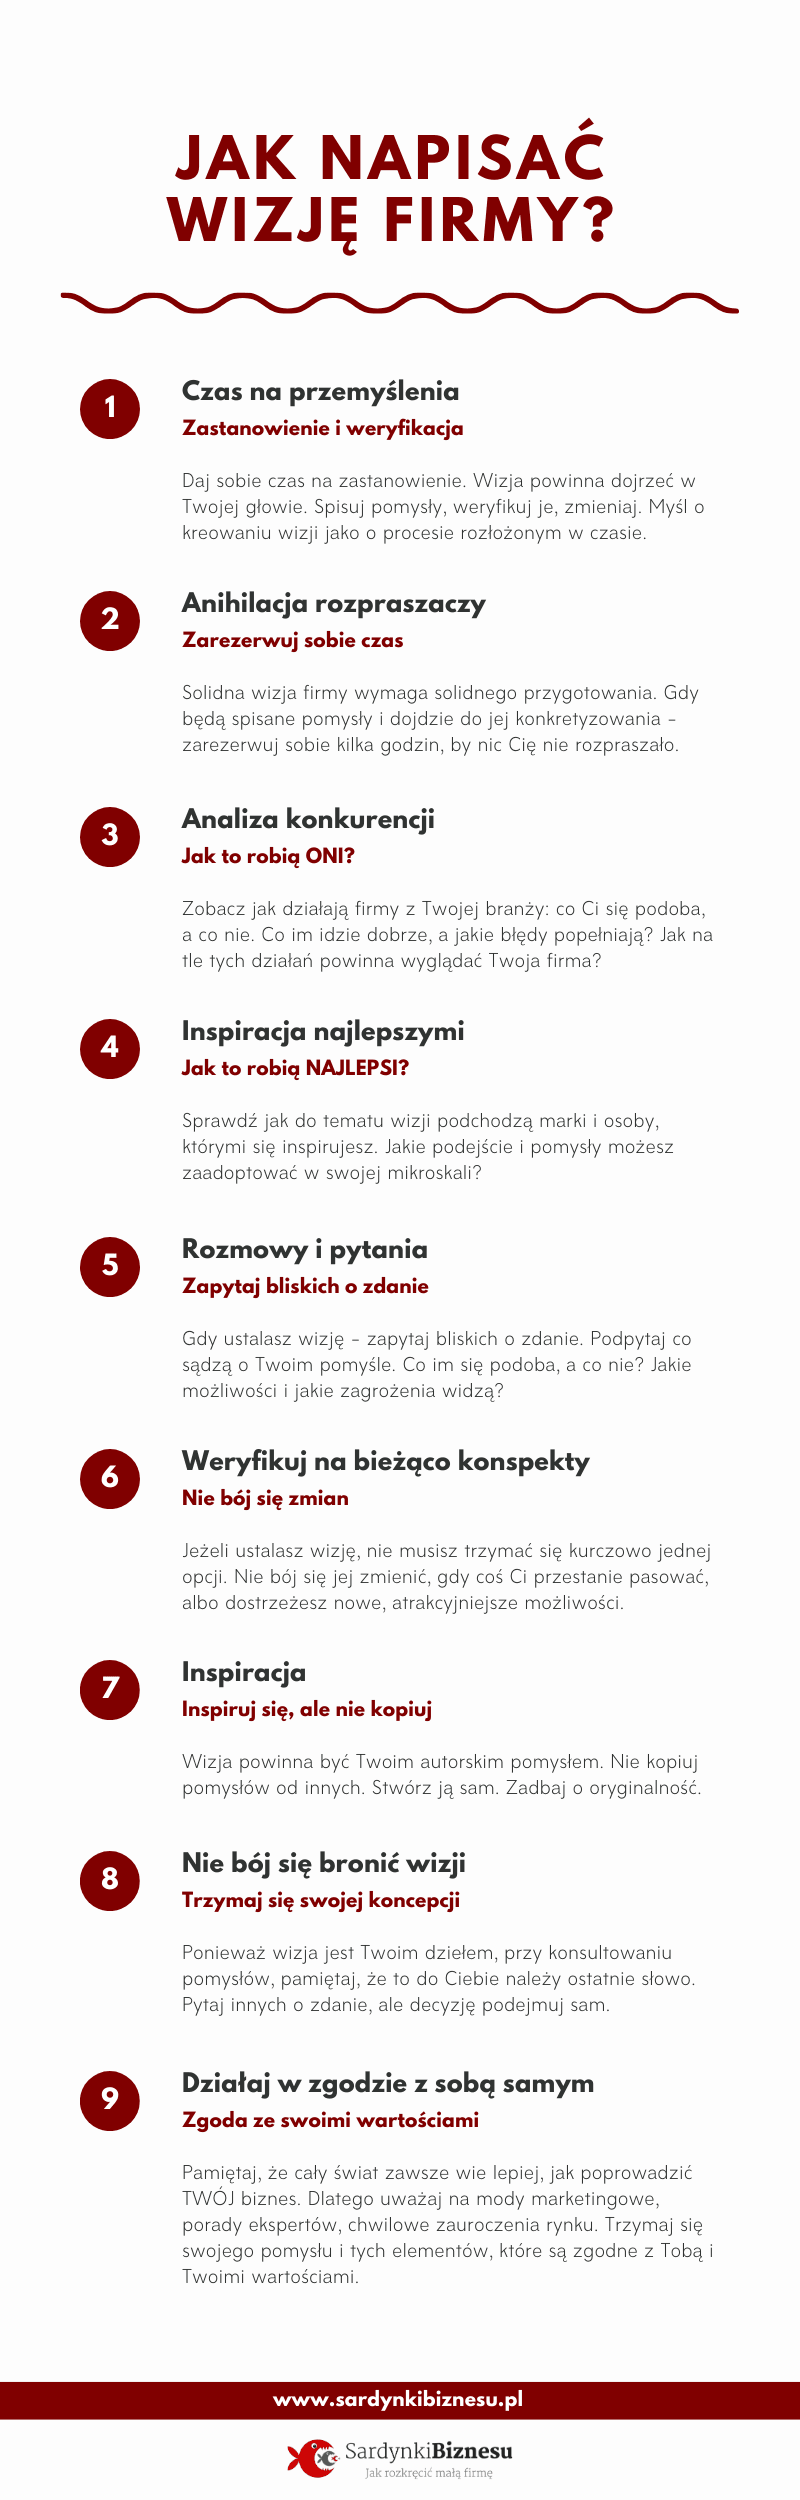 Wizja firmy - zobacz jak napisać?